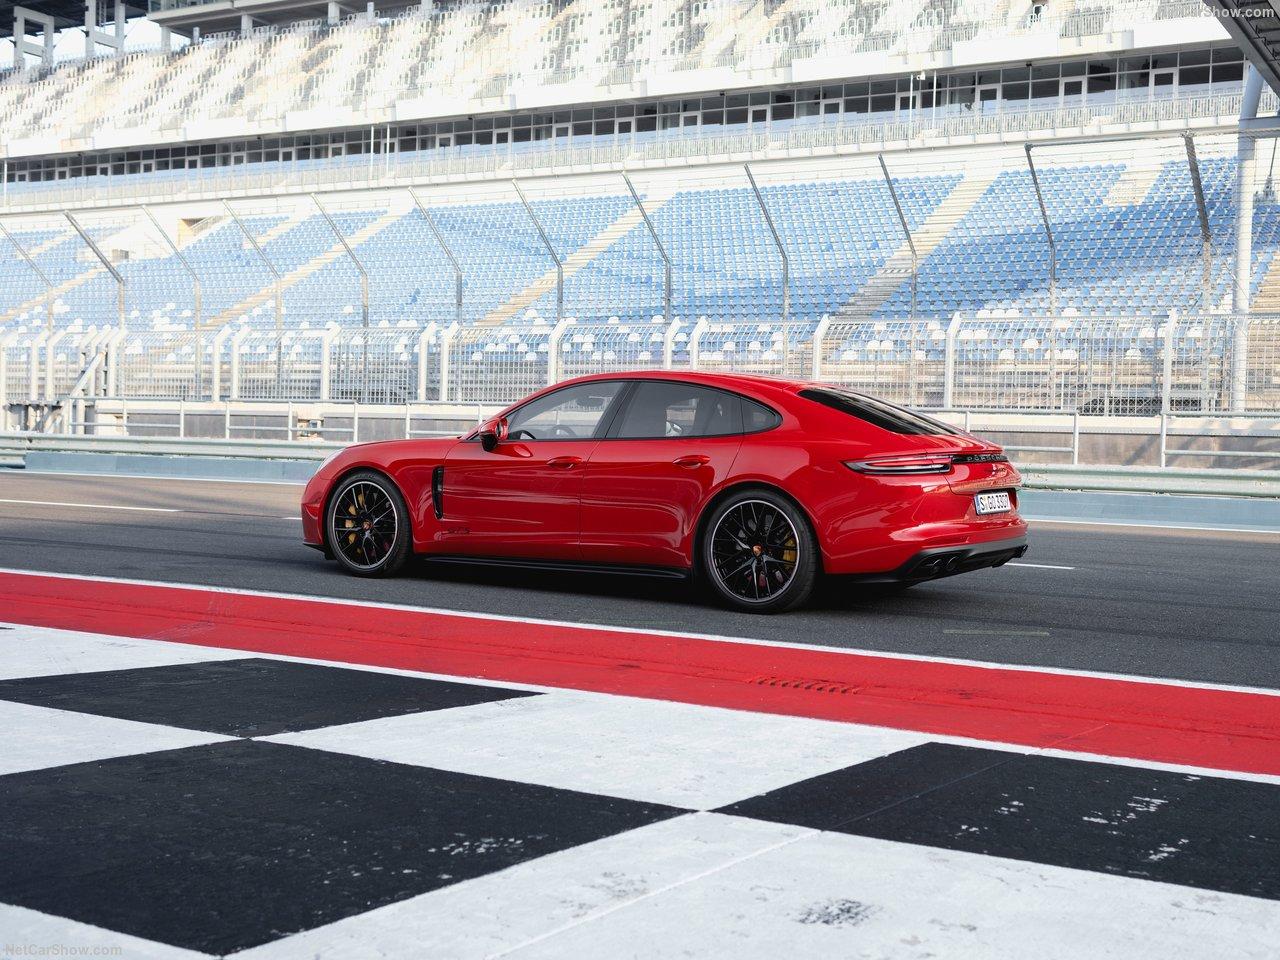 معرفی پورشه پانامرا GTS مدل ۲۰۱۹ + قیمت